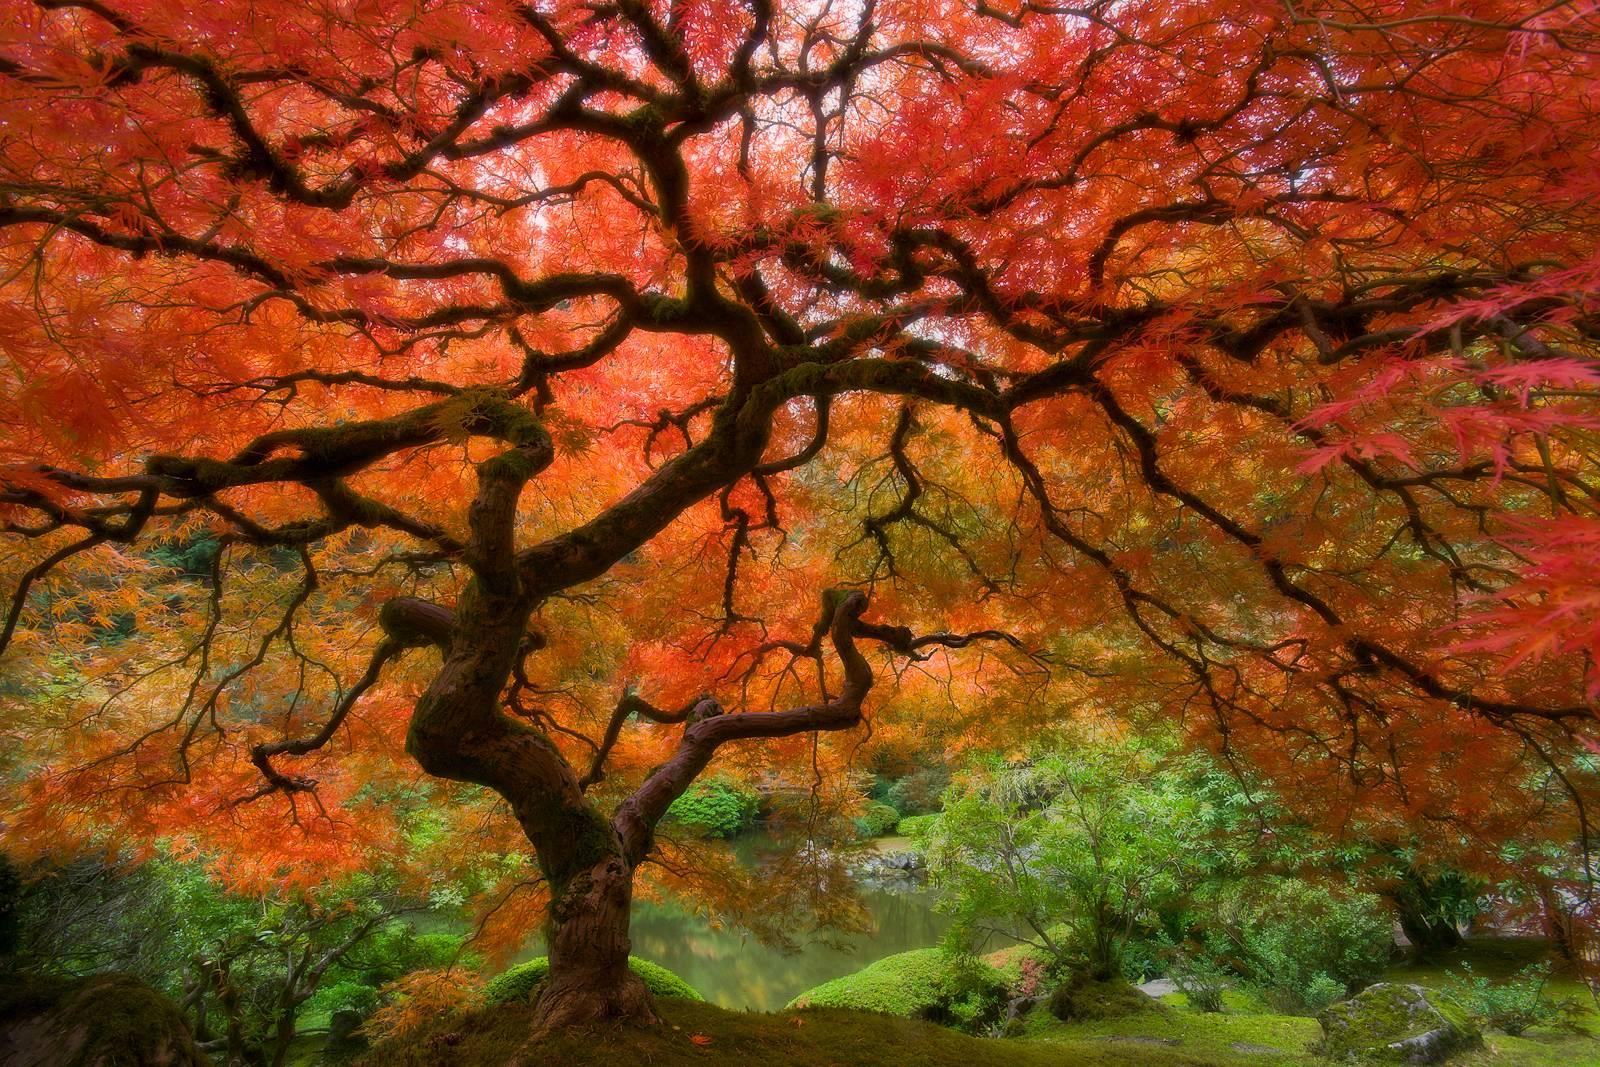 Autumn Scenes Wallpapers Wallpaper